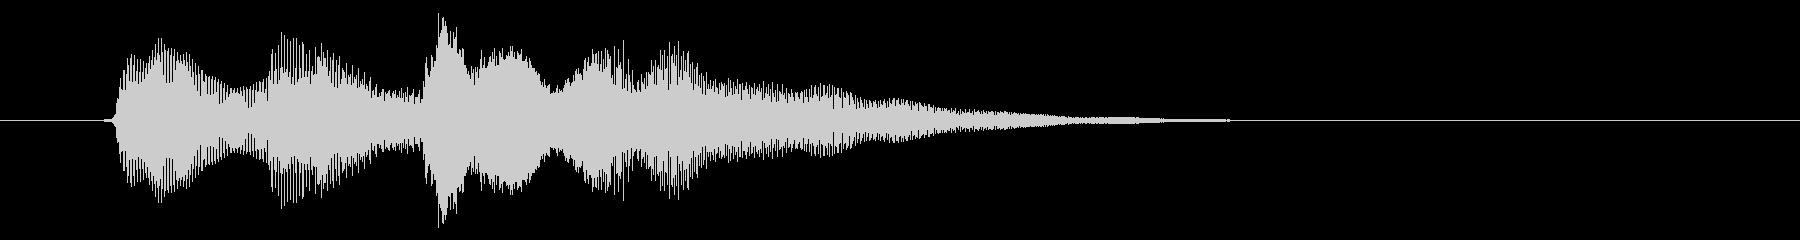 ニュース アラート03-3(遠い)の未再生の波形